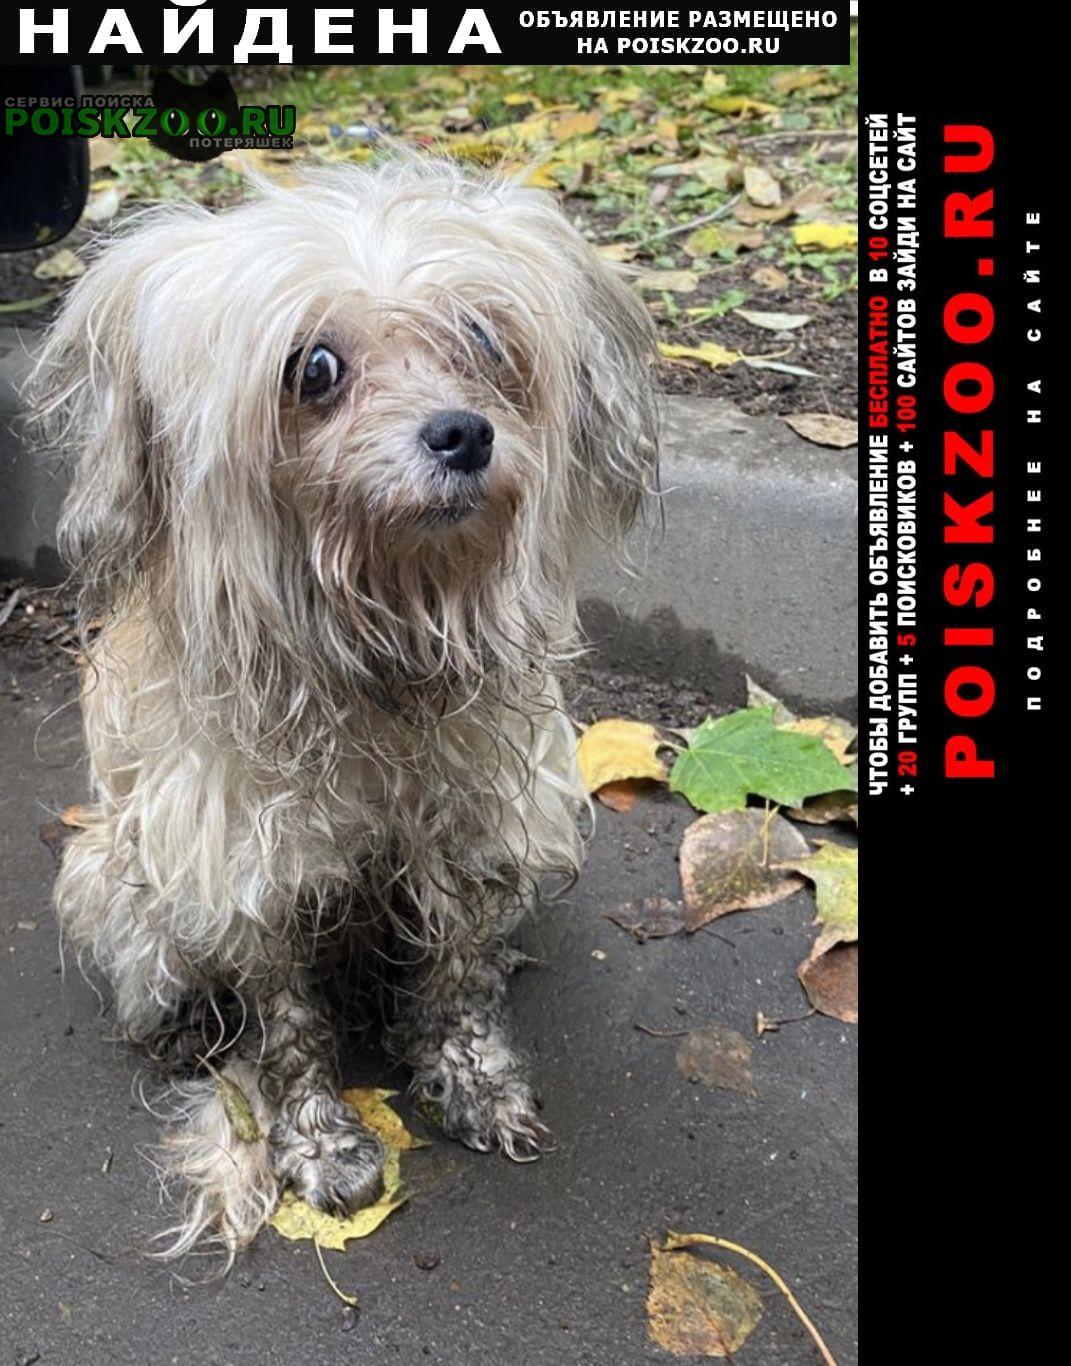 Найдена собака в районе коптево Москва